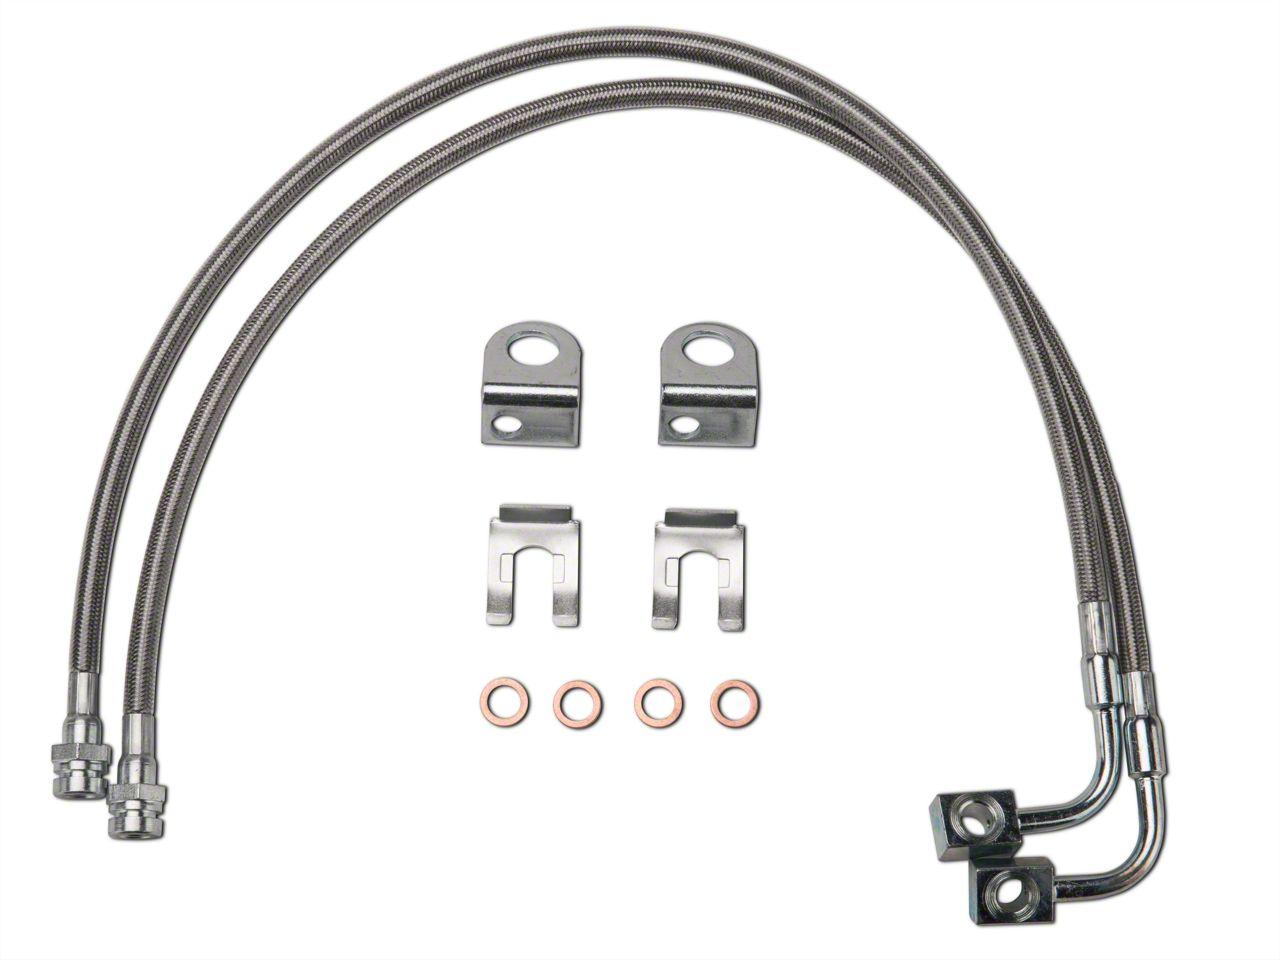 Synergy Extended Front/Rear DOT Approved Brake Line Kit (07-18 Jeep Wrangler JK)